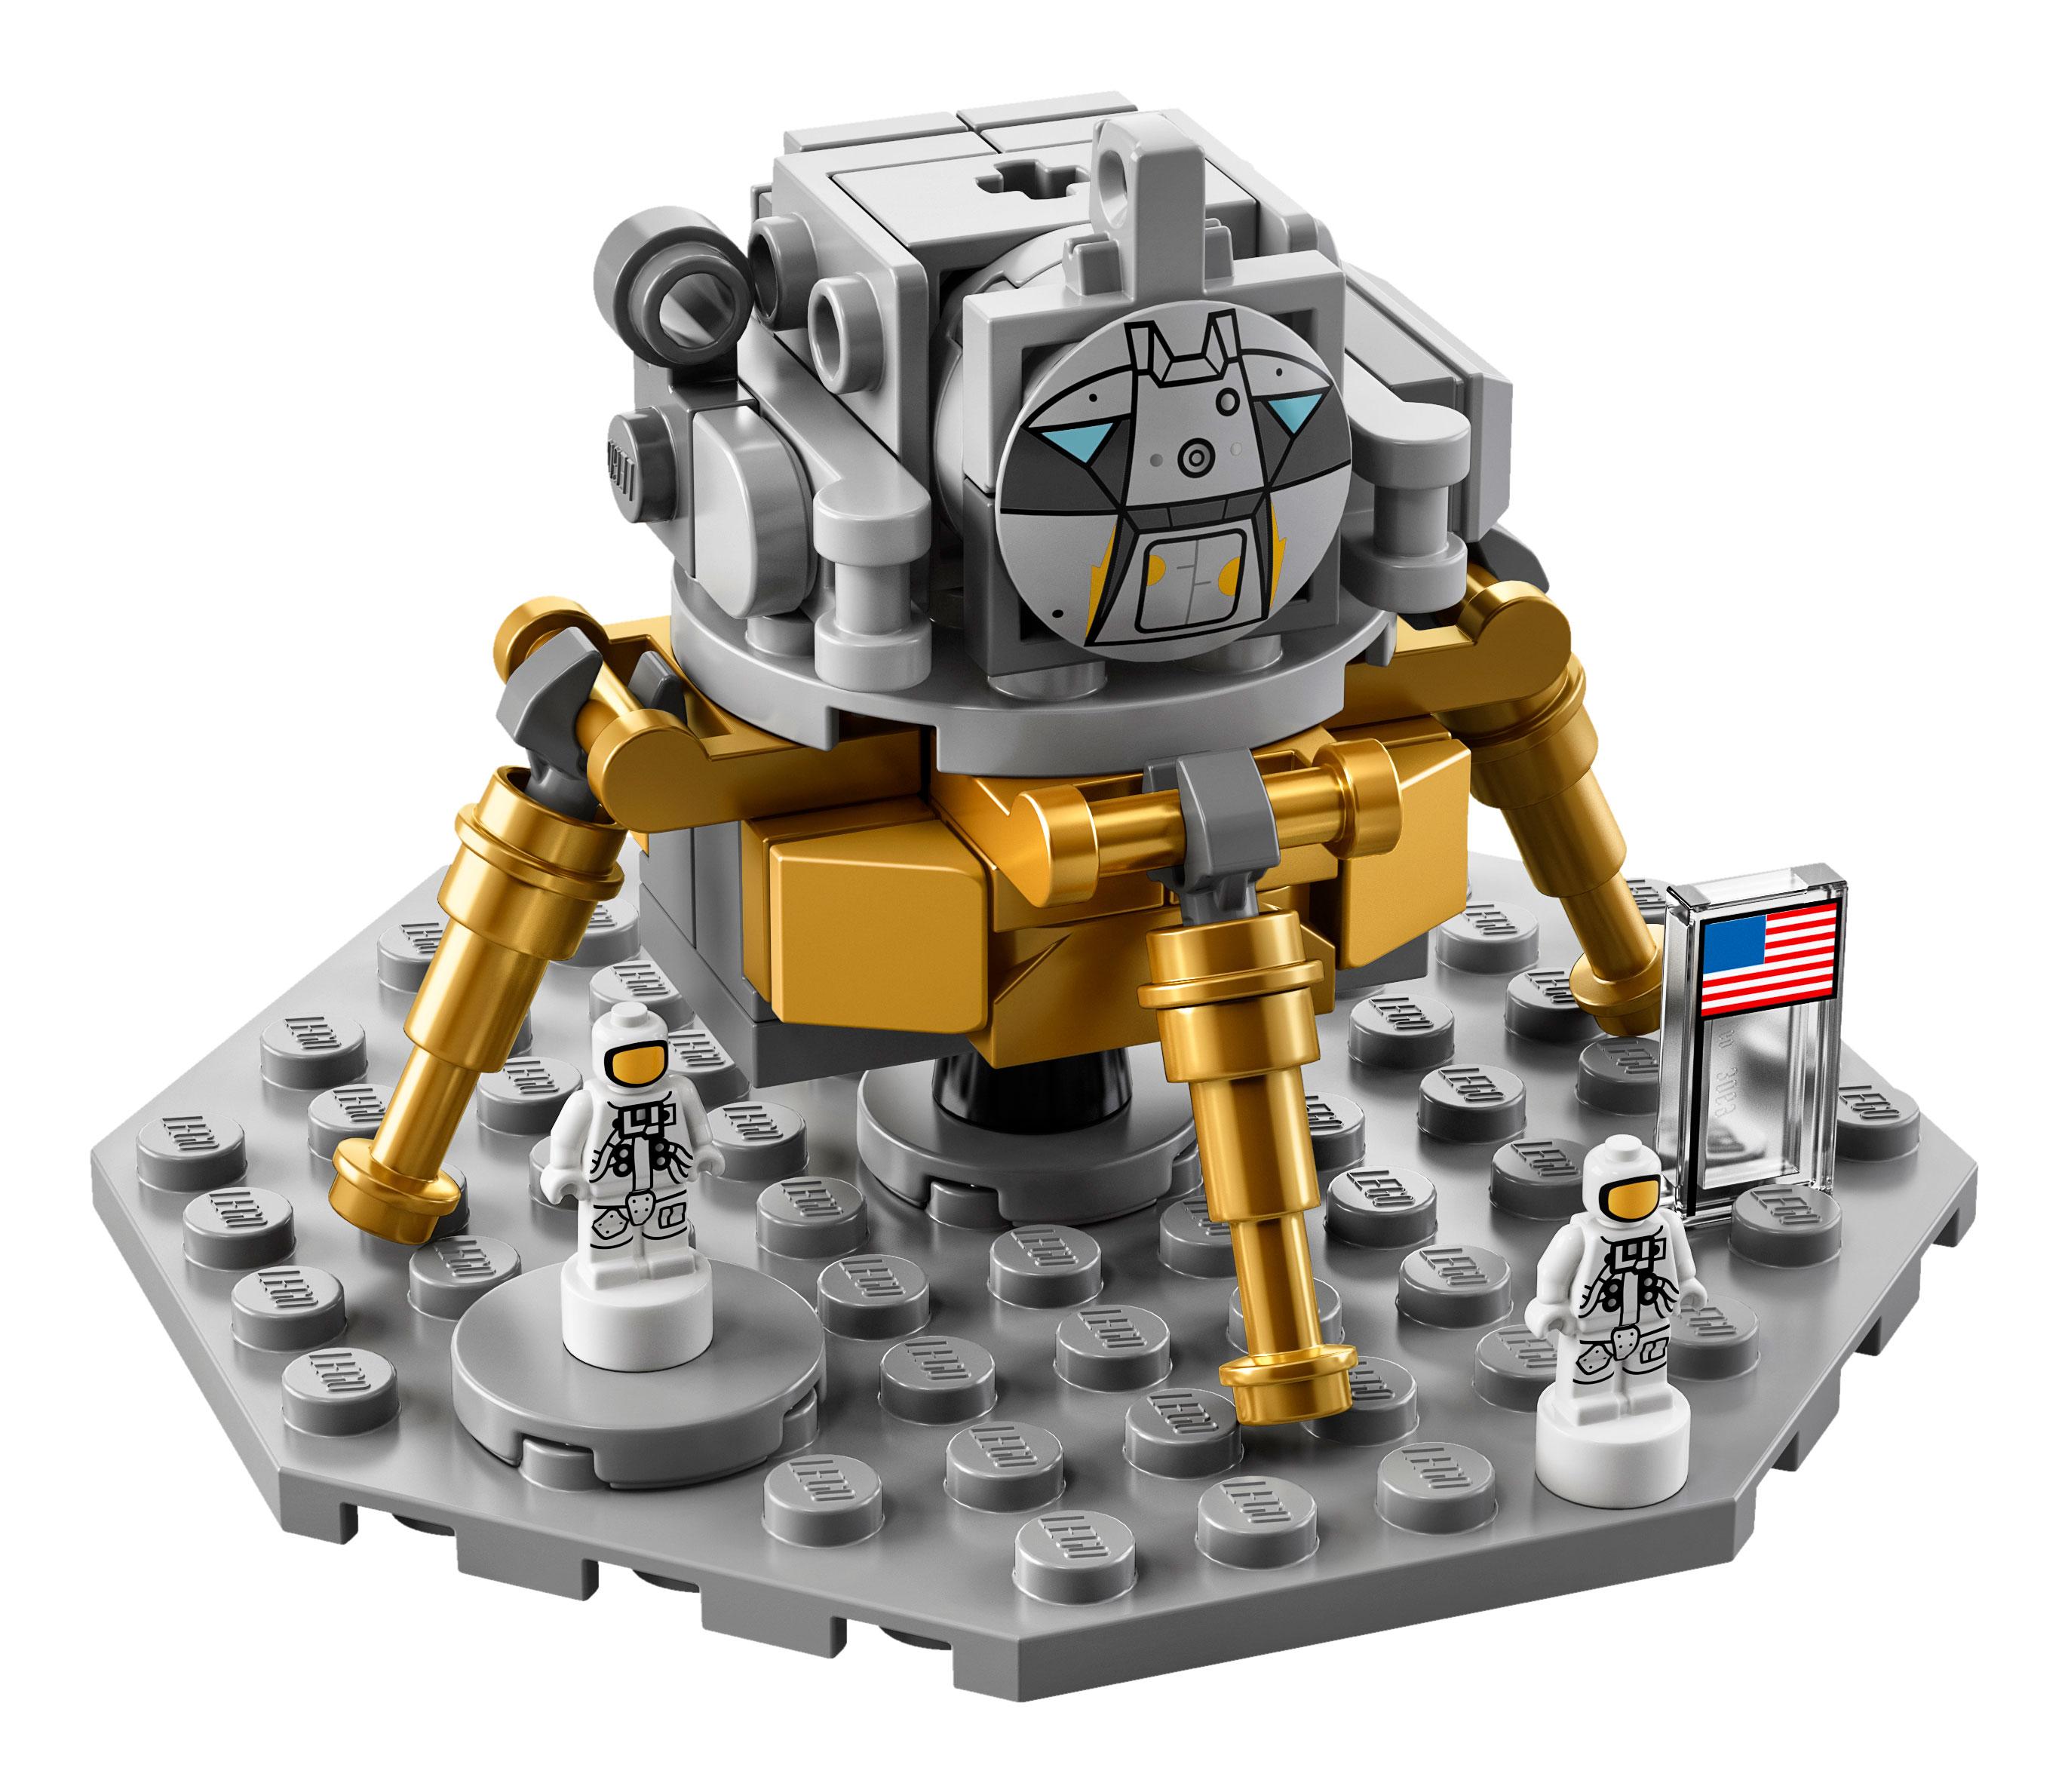 apollo space lego - photo #19